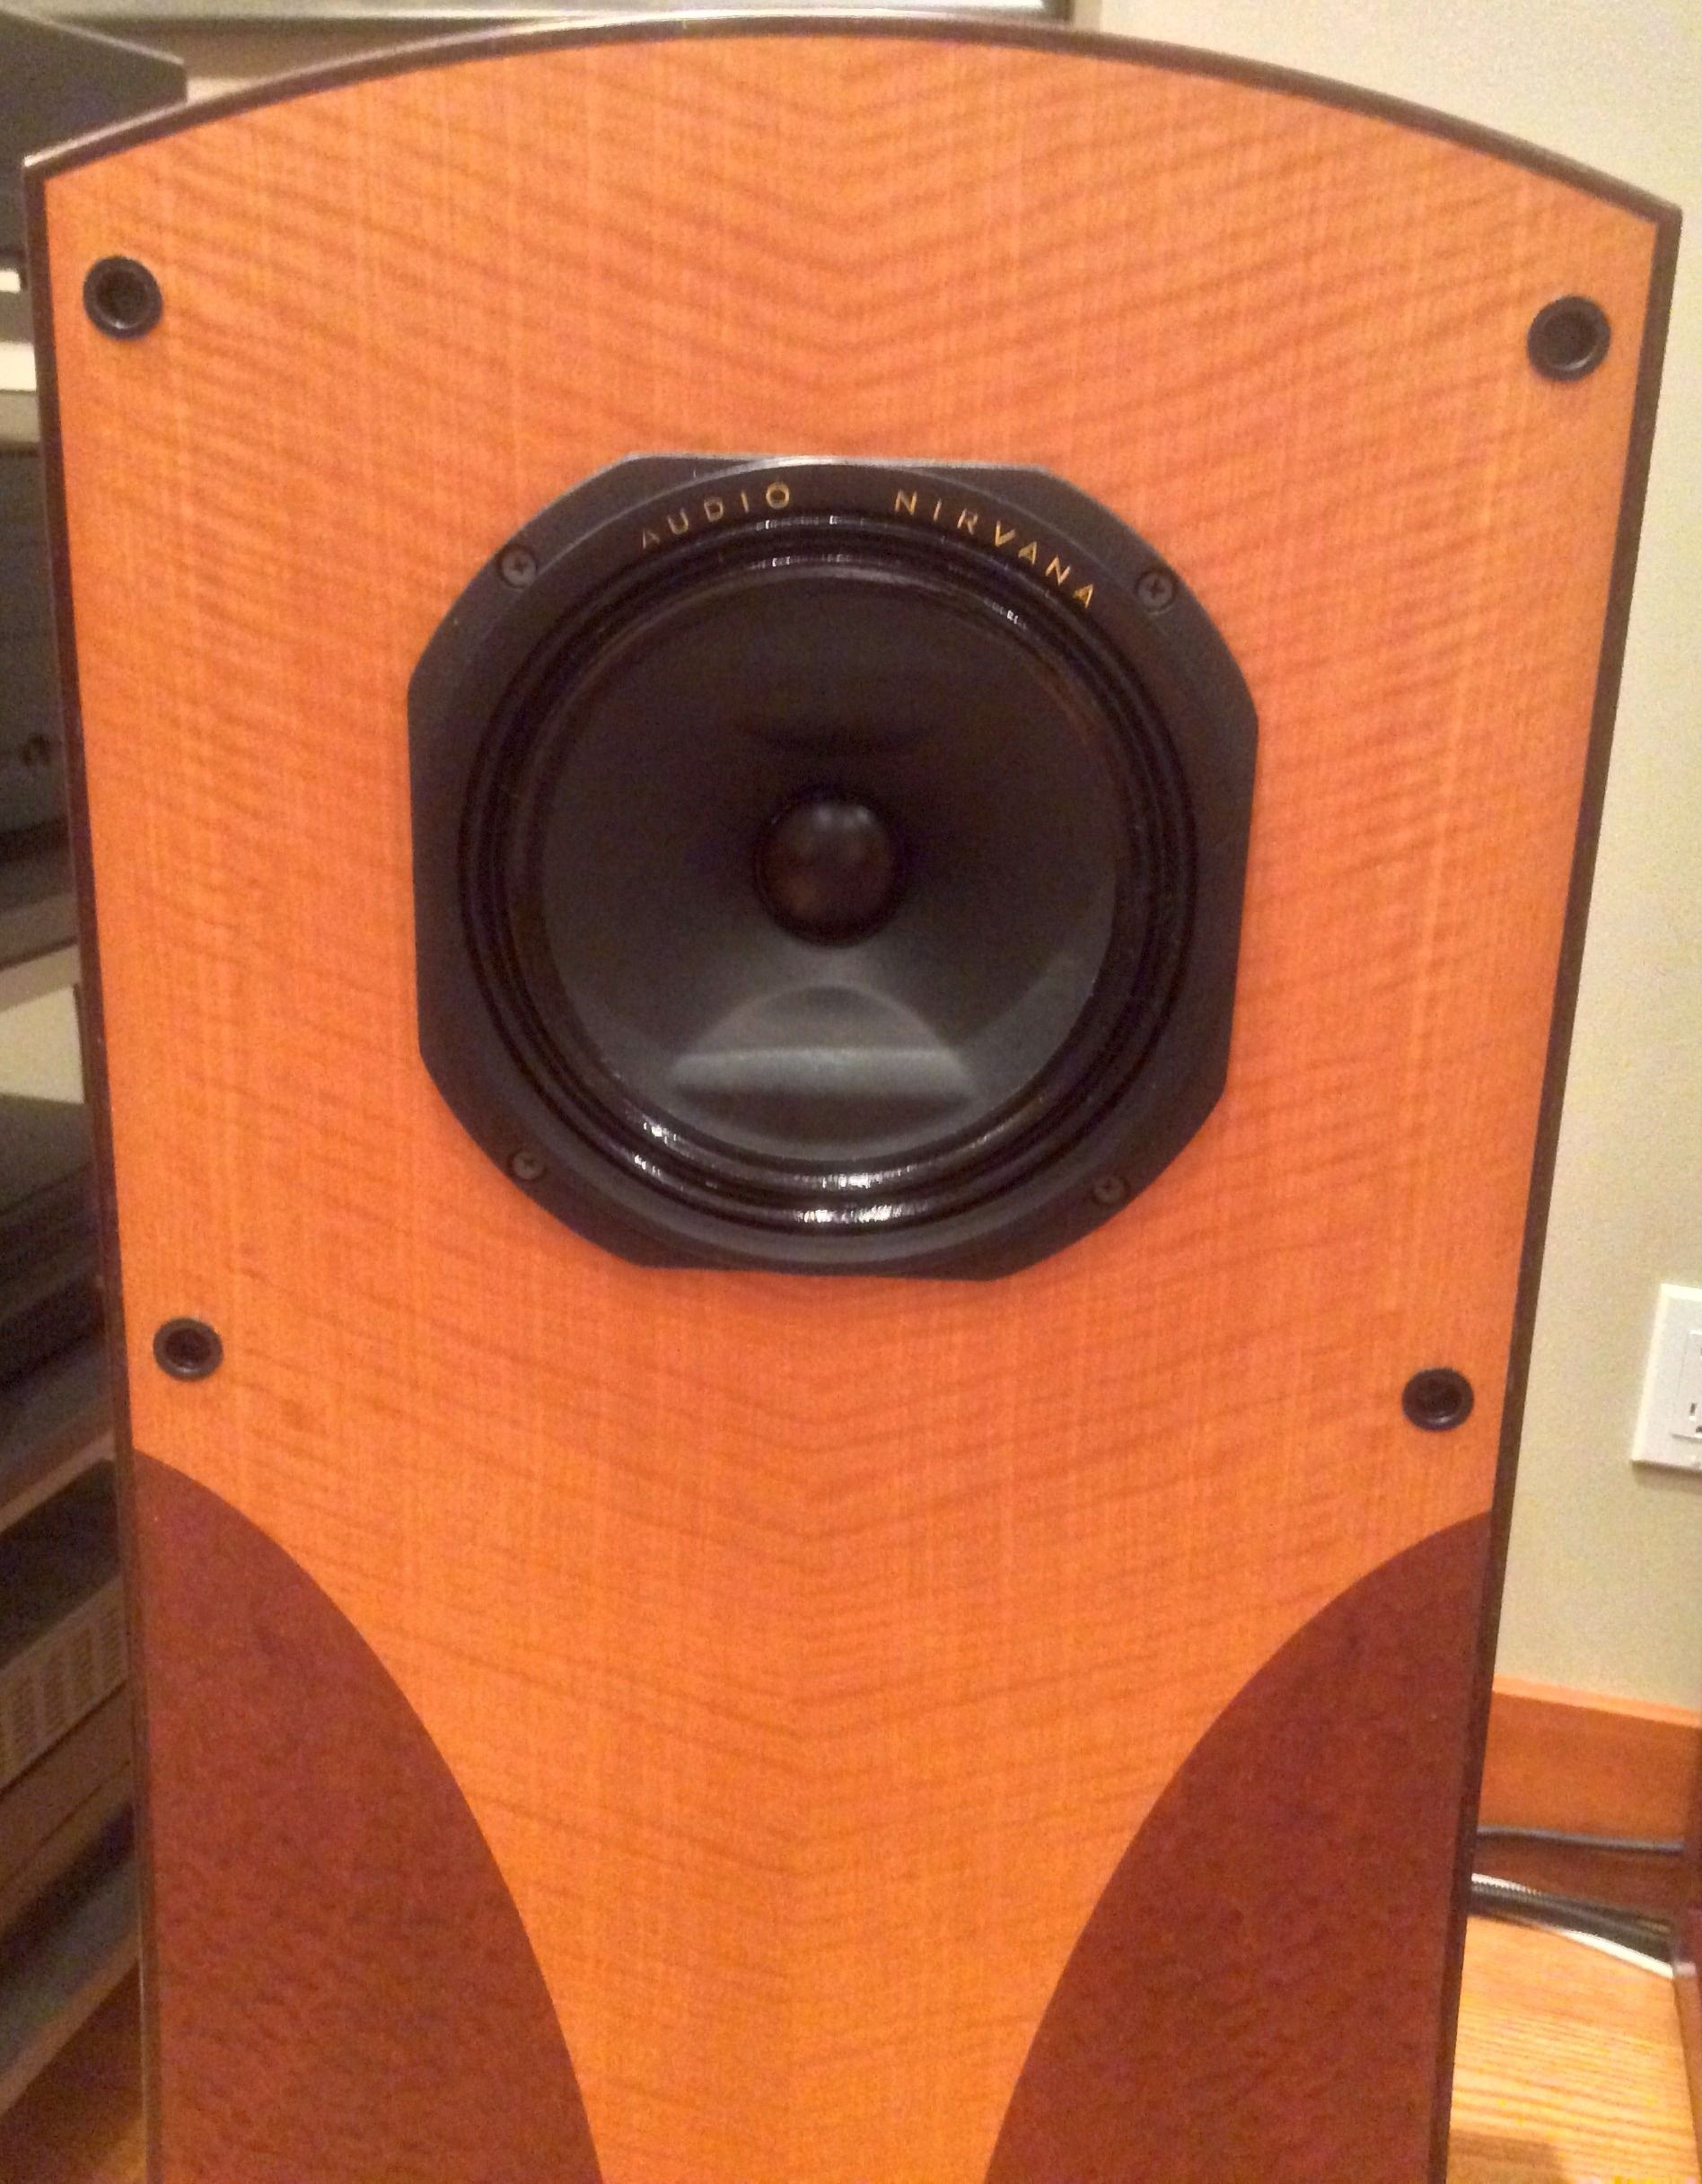 Pin by Full Range Speakers on Full Range Speakers   Speaker